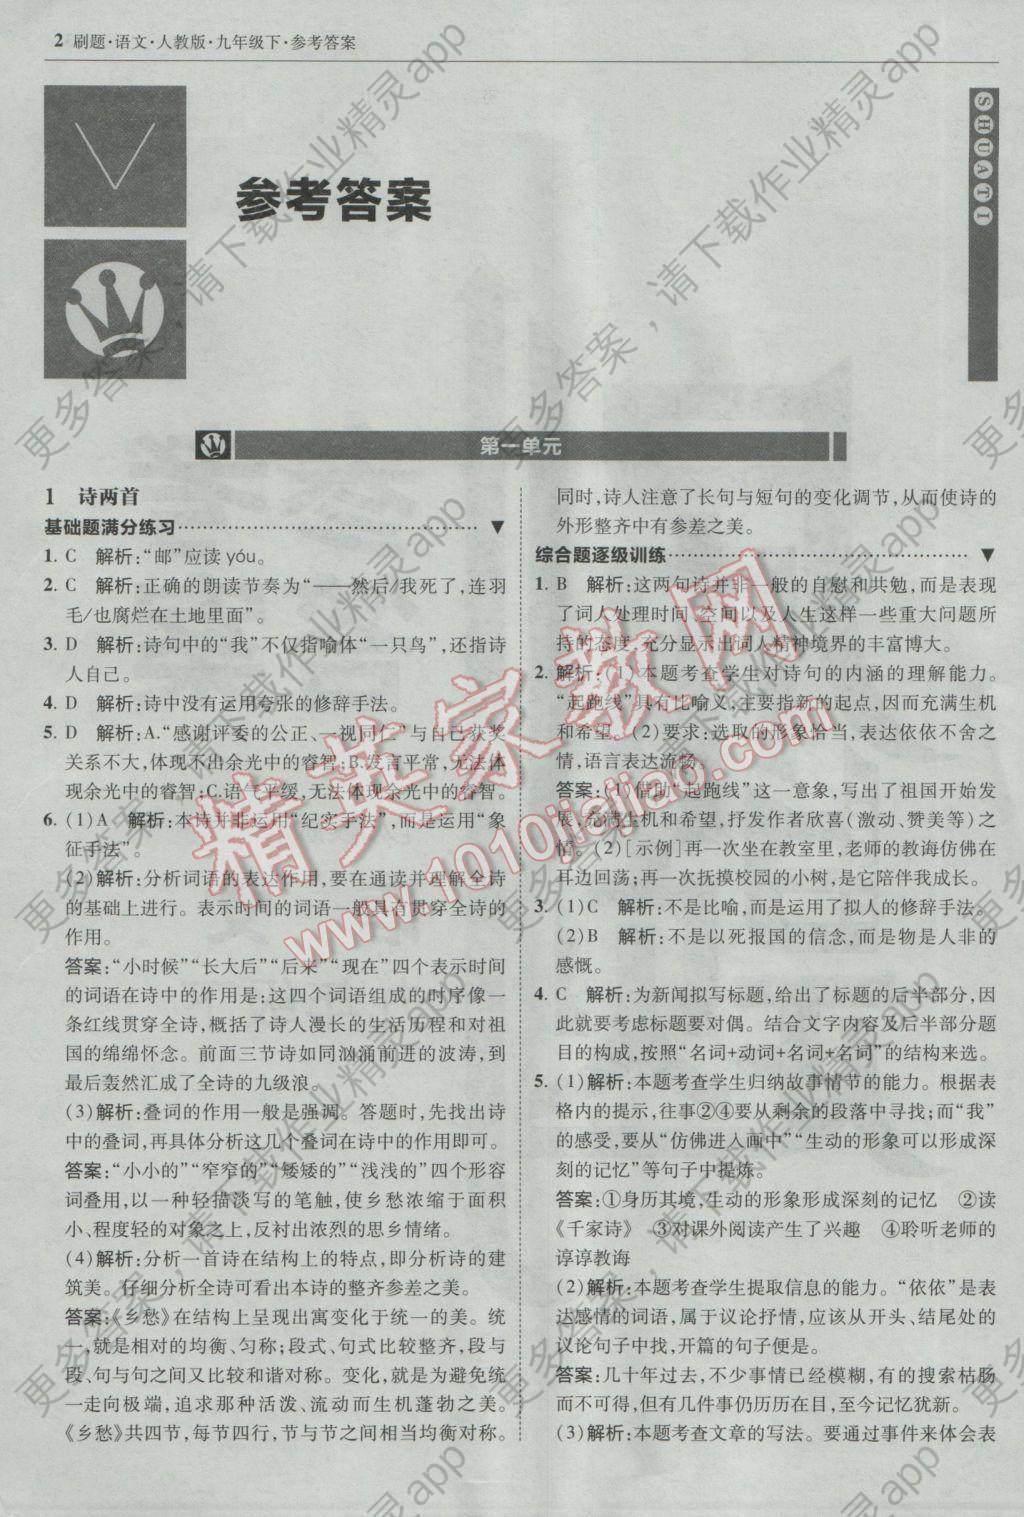 2017年北大绿卡刷题九年级语文下册人教版 参考答案第1页